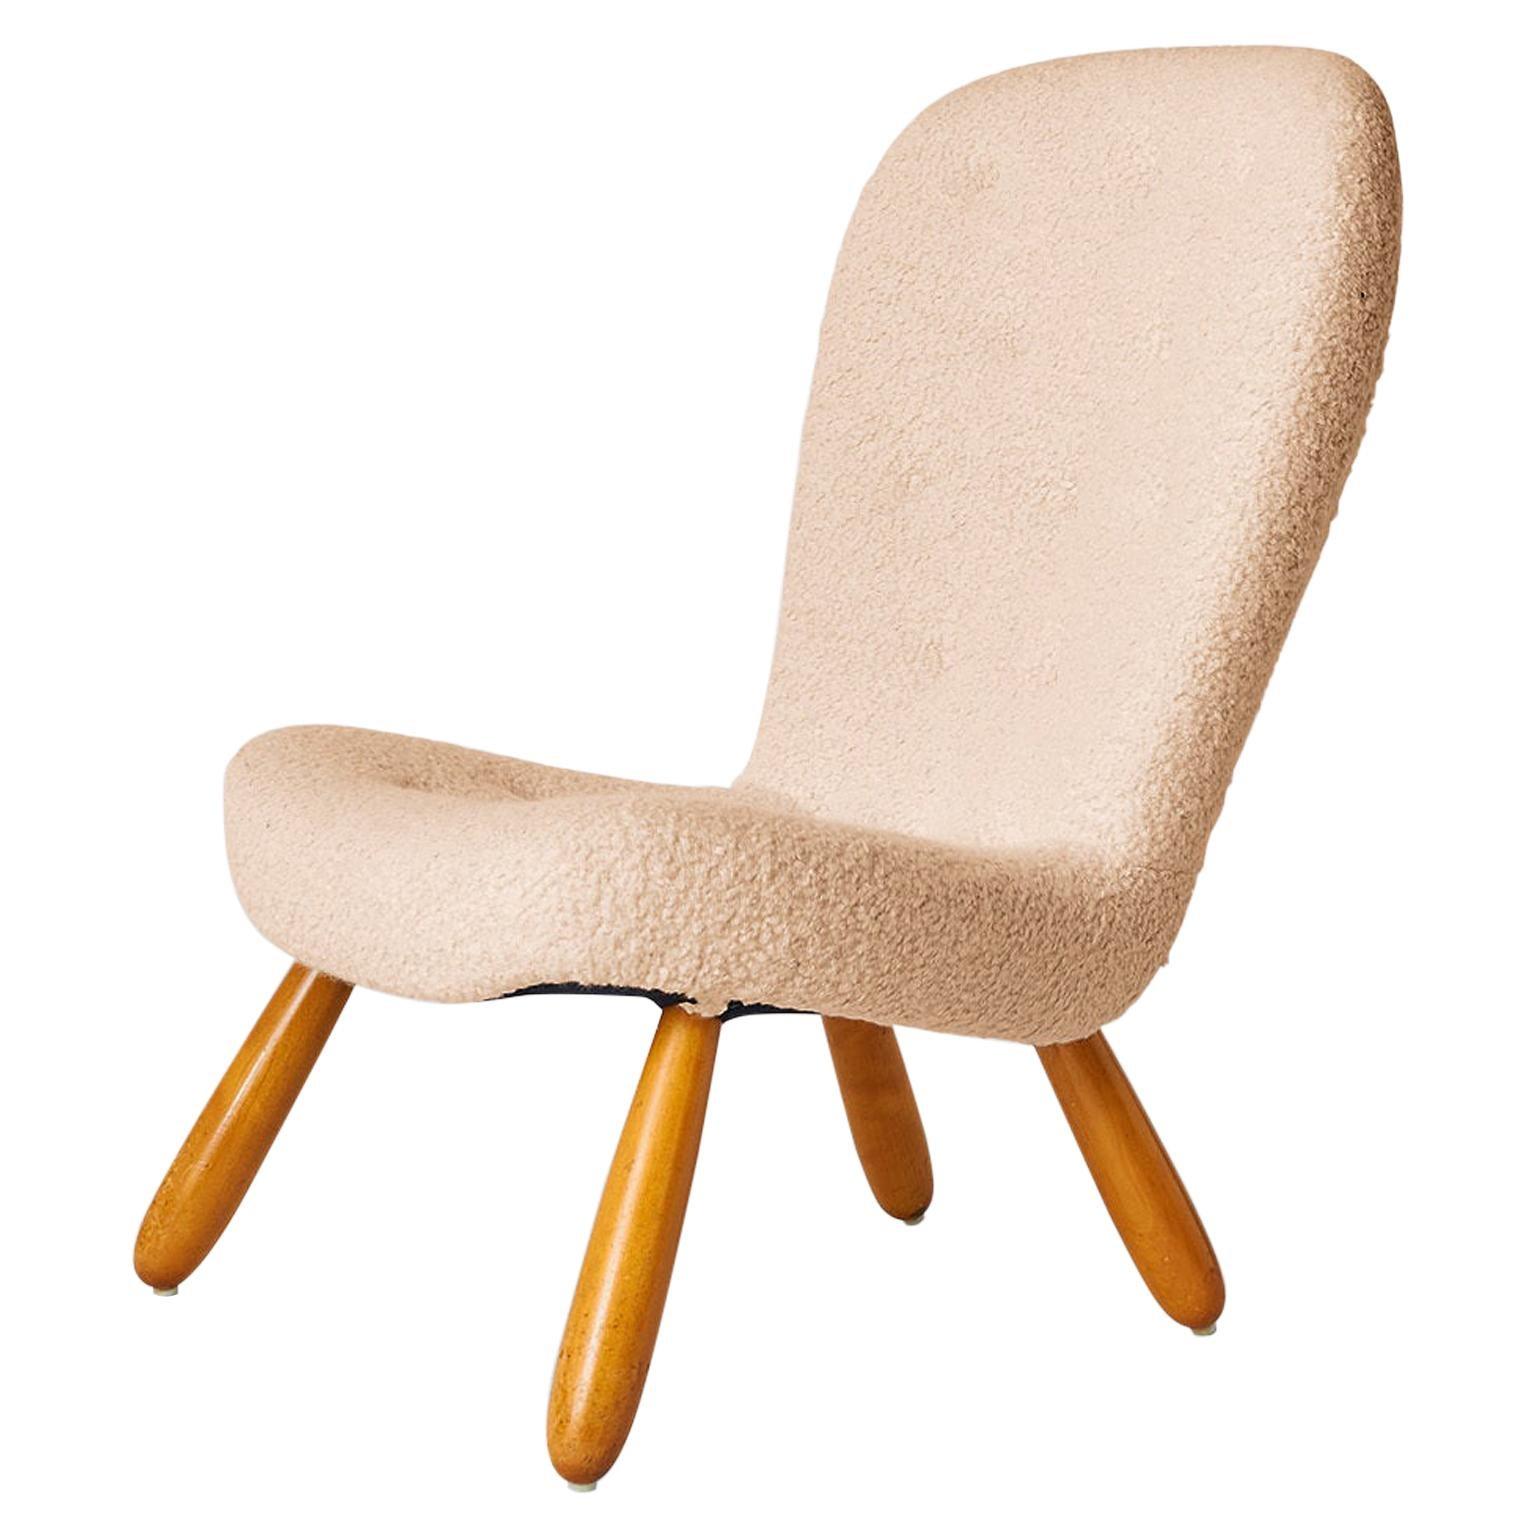 Philip Arctander Armless Clam Chair